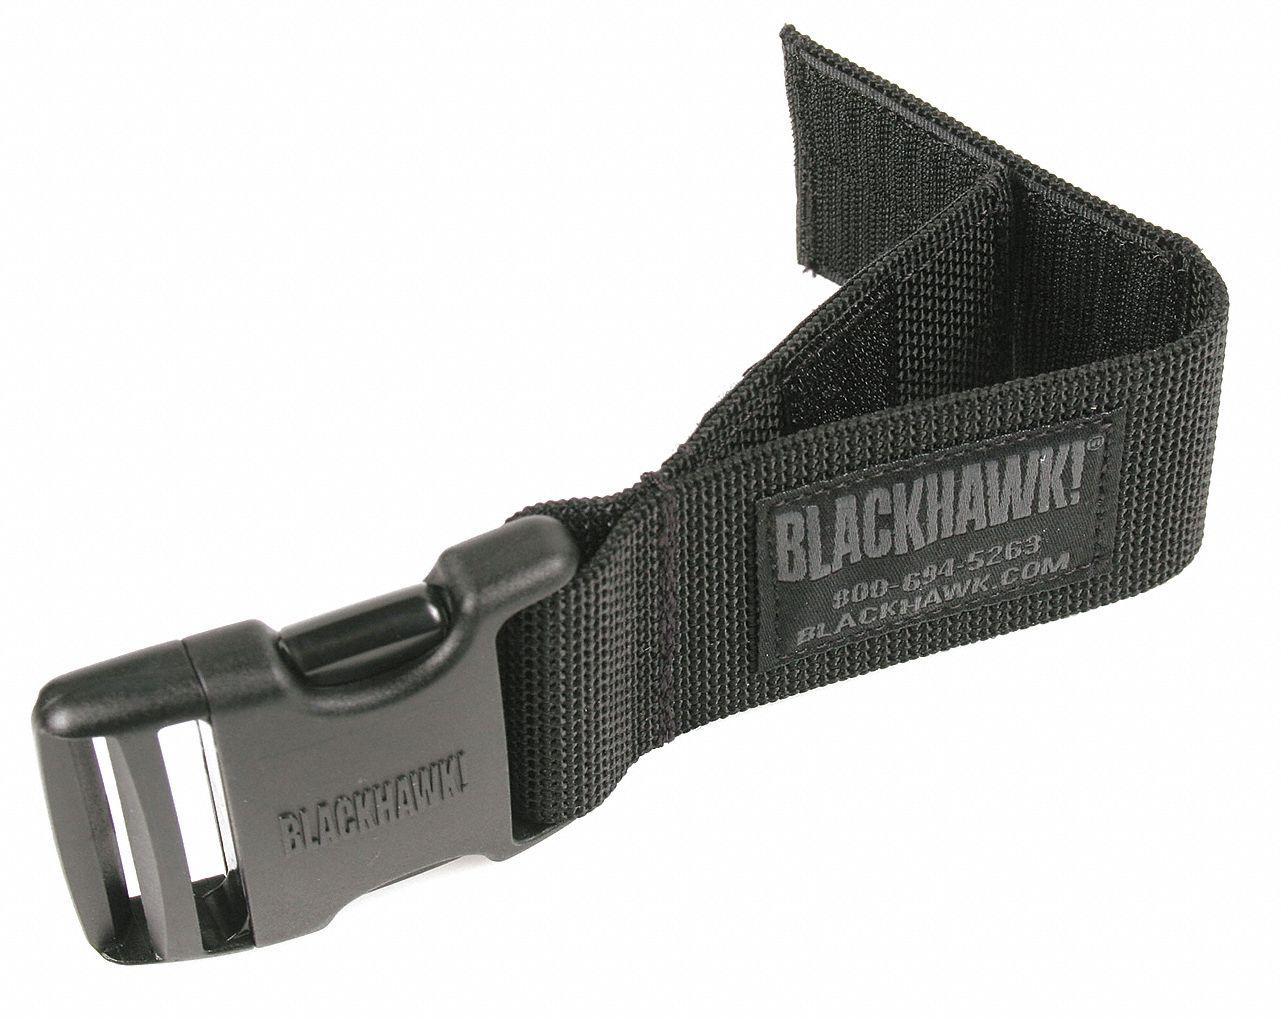 Drop Leg Pouch, Quick-Release Buckle, 1000D Nylon, Black